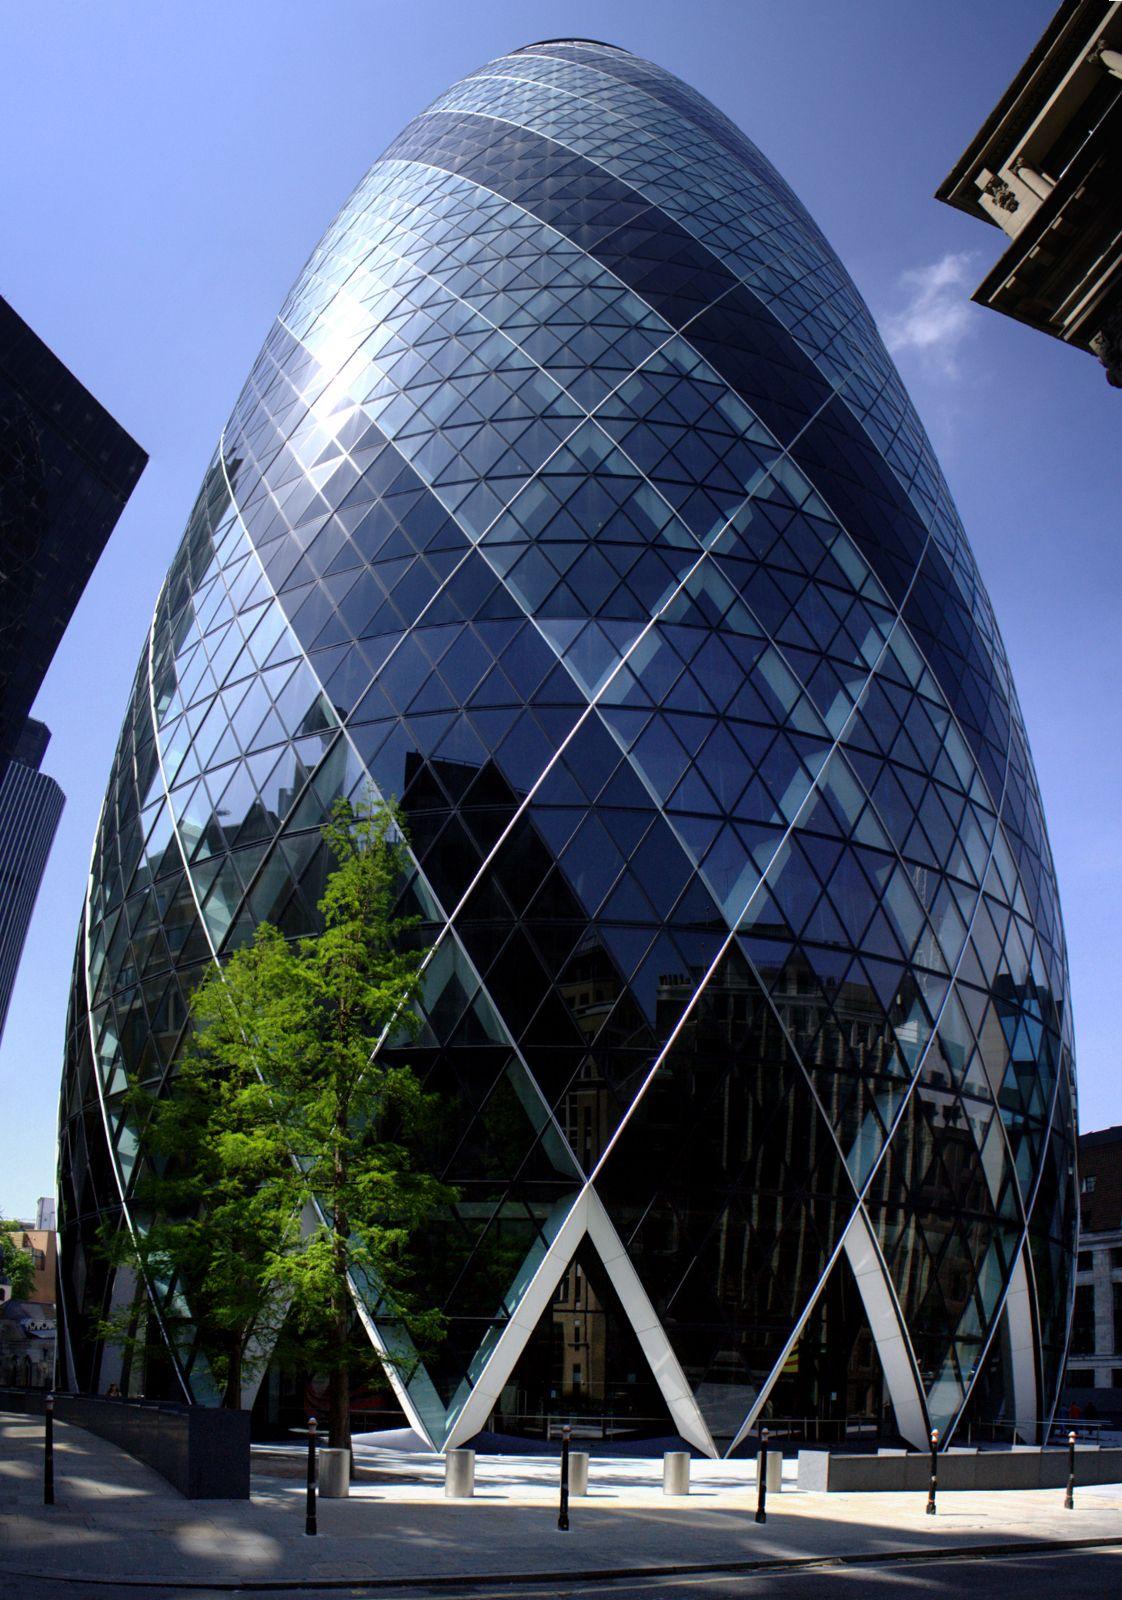 Gherkin Building (London, UK)